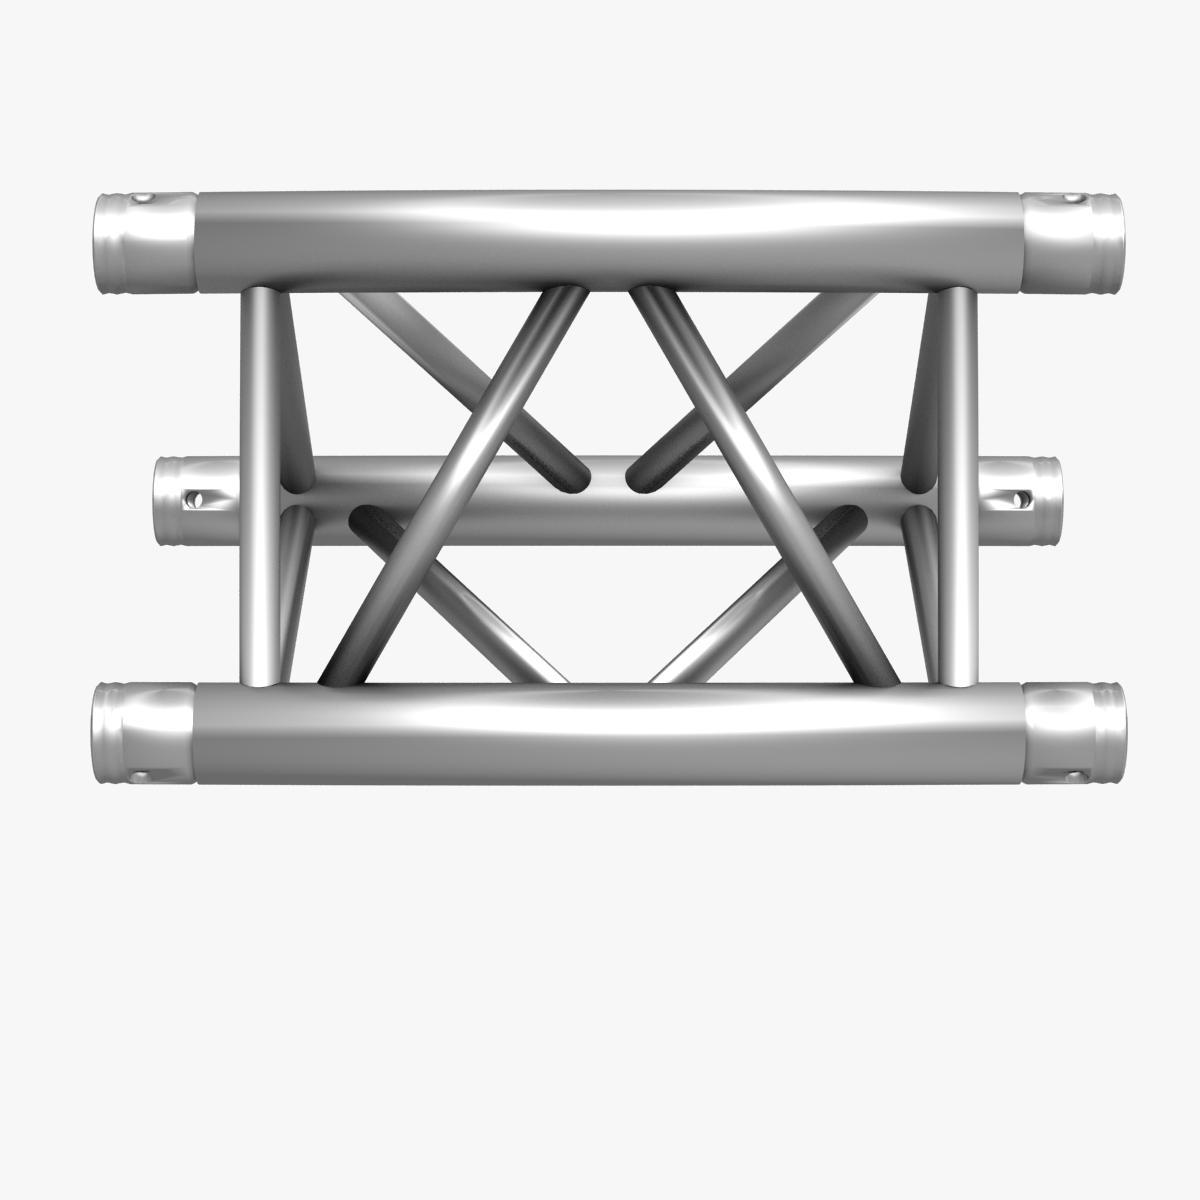 Triangular Truss Straight Segment 71 3d model 3ds max dxf fbx b3d c4d  obj 268963